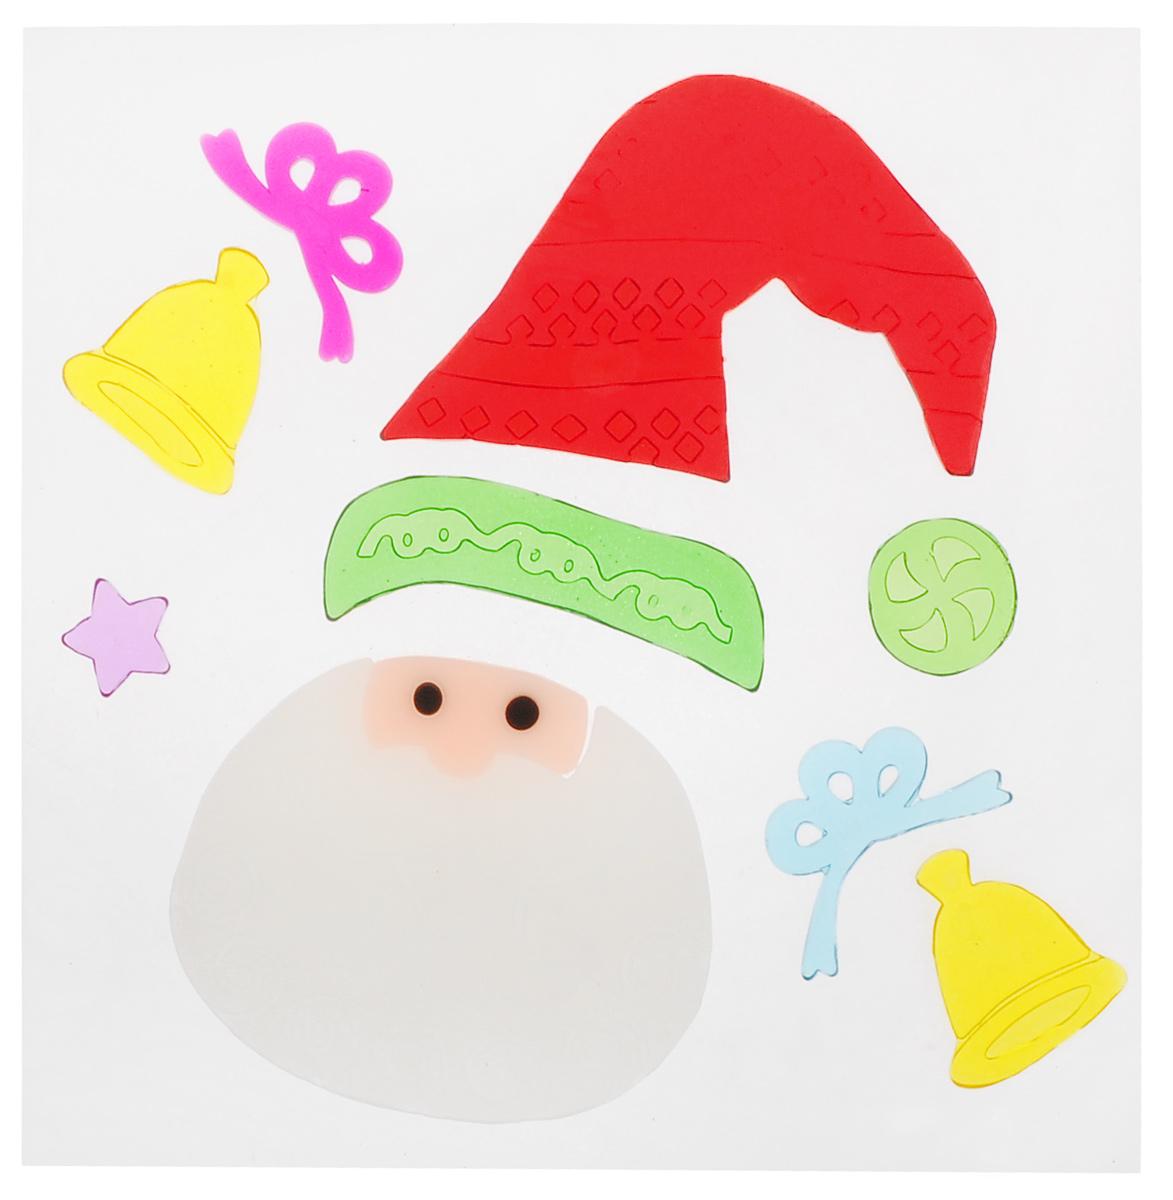 Новогоднее оконное украшение EuroHouse Аппликация. Санта, 9 штЕХ 9122Новогоднее оконное украшение EuroHouse Аппликация. Санта поможет украсить дом к предстоящим праздникам. Наклейки изготовлены из термопластика и выполнены в виде колокольчиков, колпака и лица Санта-Клауса, звезды. С помощью этих украшений вы сможете оживить интерьер по своему вкусу, наклеить их на окно или на зеркало. Новогодние украшения всегда несут в себе волшебство и красоту праздника. Создайте в своем доме атмосферу тепла, веселья и радости, украшая его всей семьей. Размер самой большой наклейки: 9,2 см х 7,5 см. Размер самой маленькой наклейки: 2 см х 2 см.